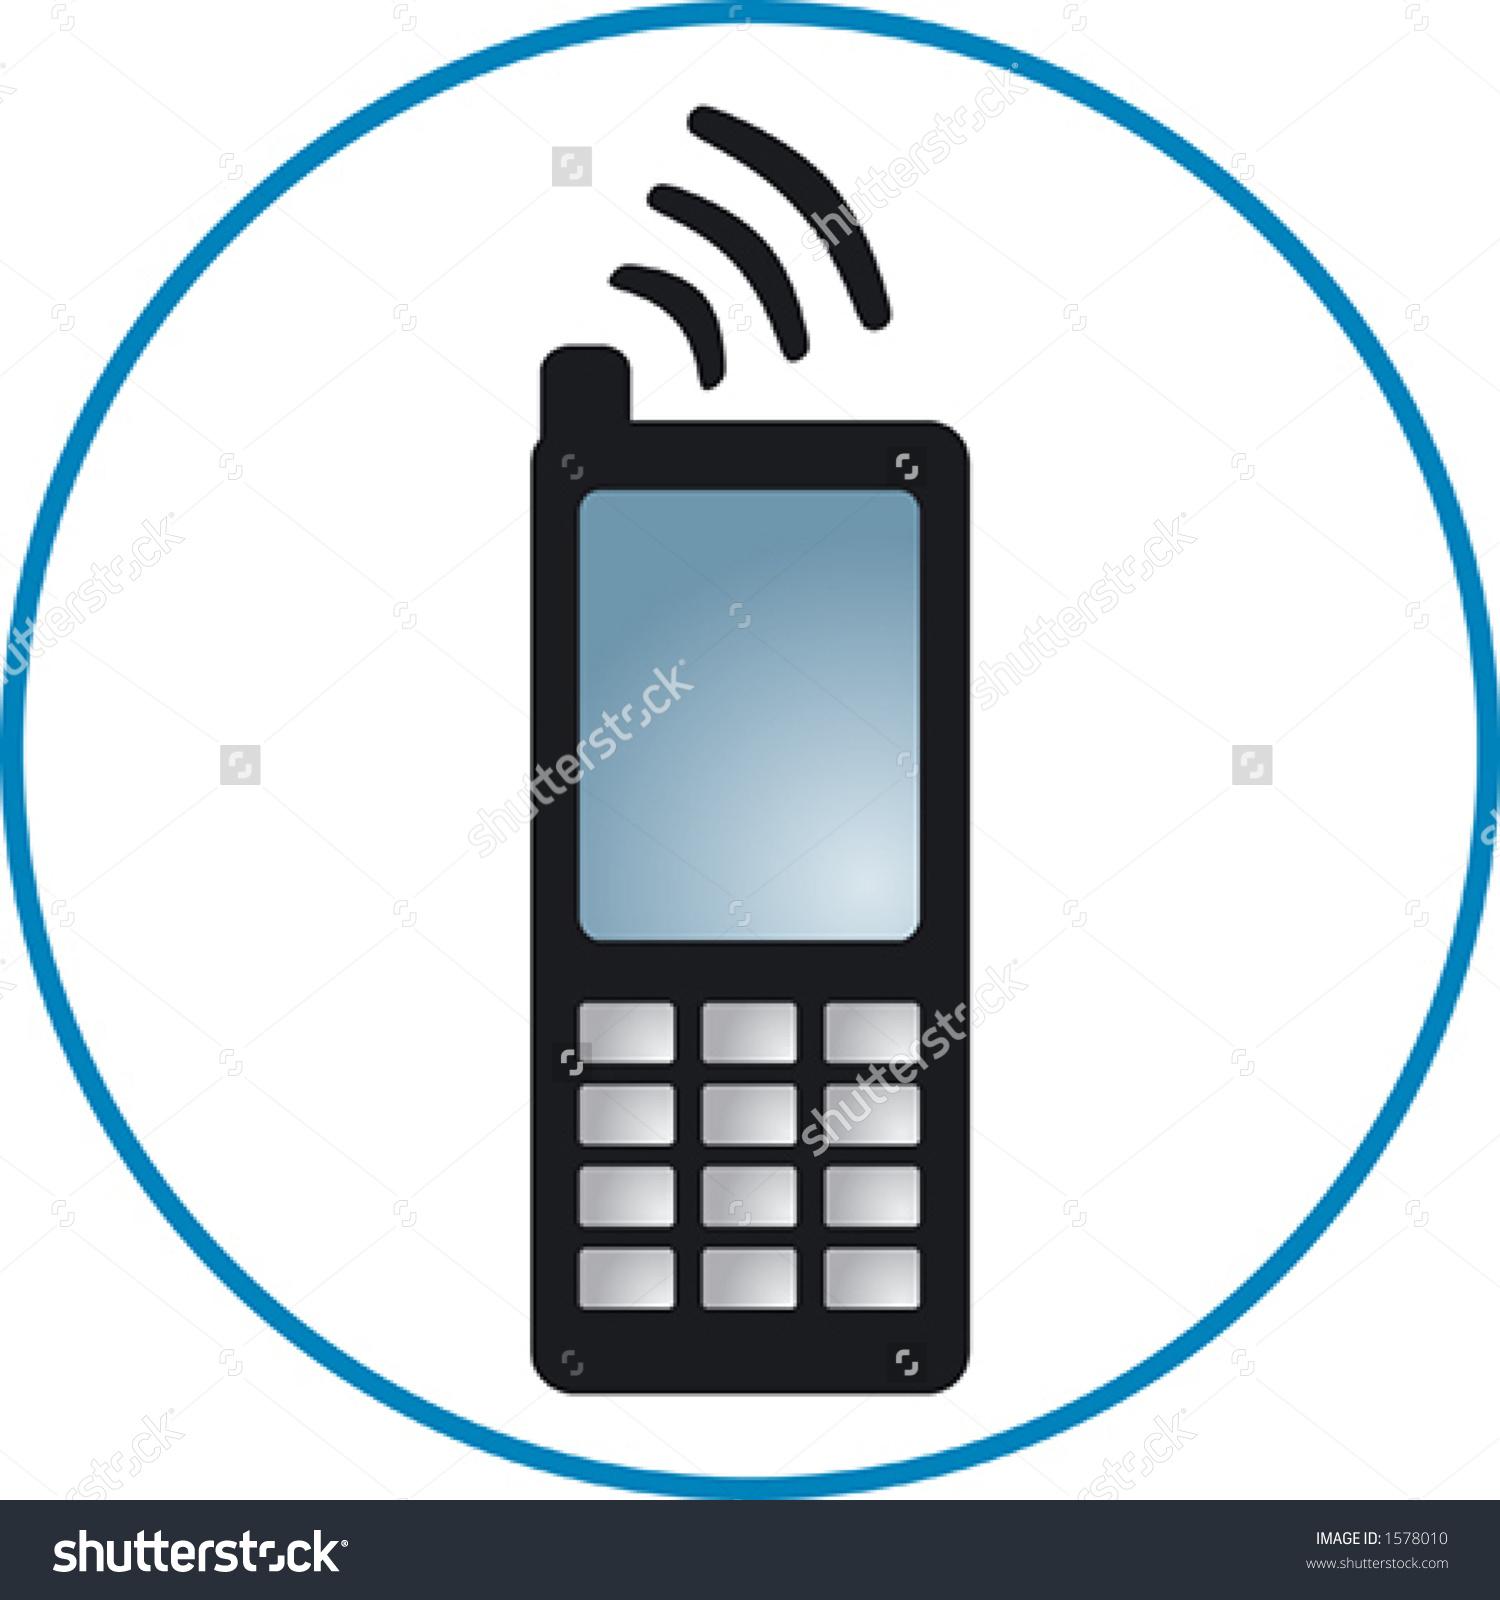 Cellphone Clipart-Cellphone Clipart-9